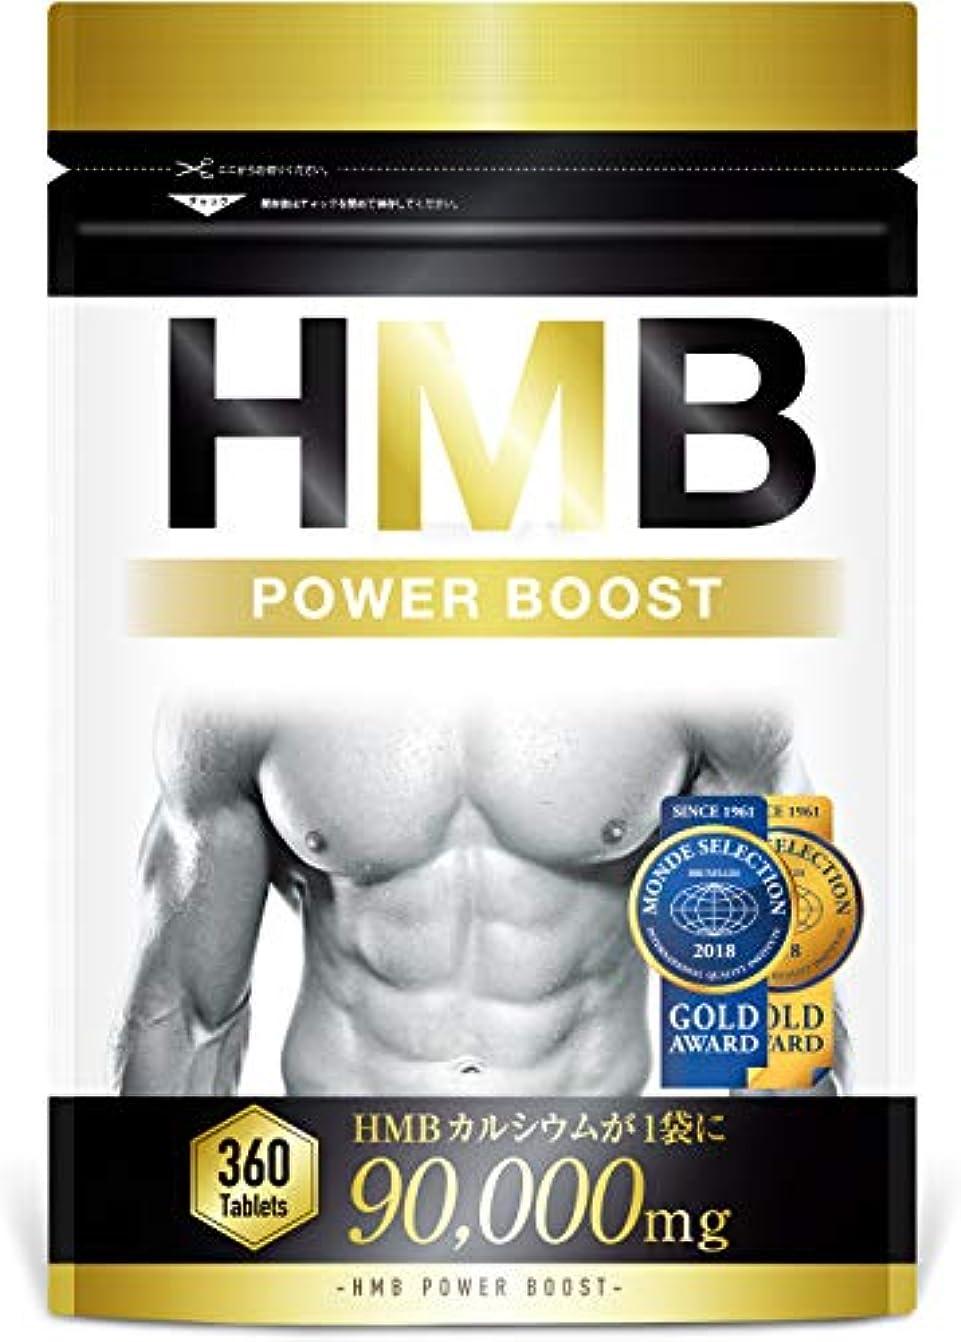 タック株式会社バンクHMB POWER BOOST HMB サプリメント 360タブレット 1袋 90000mg